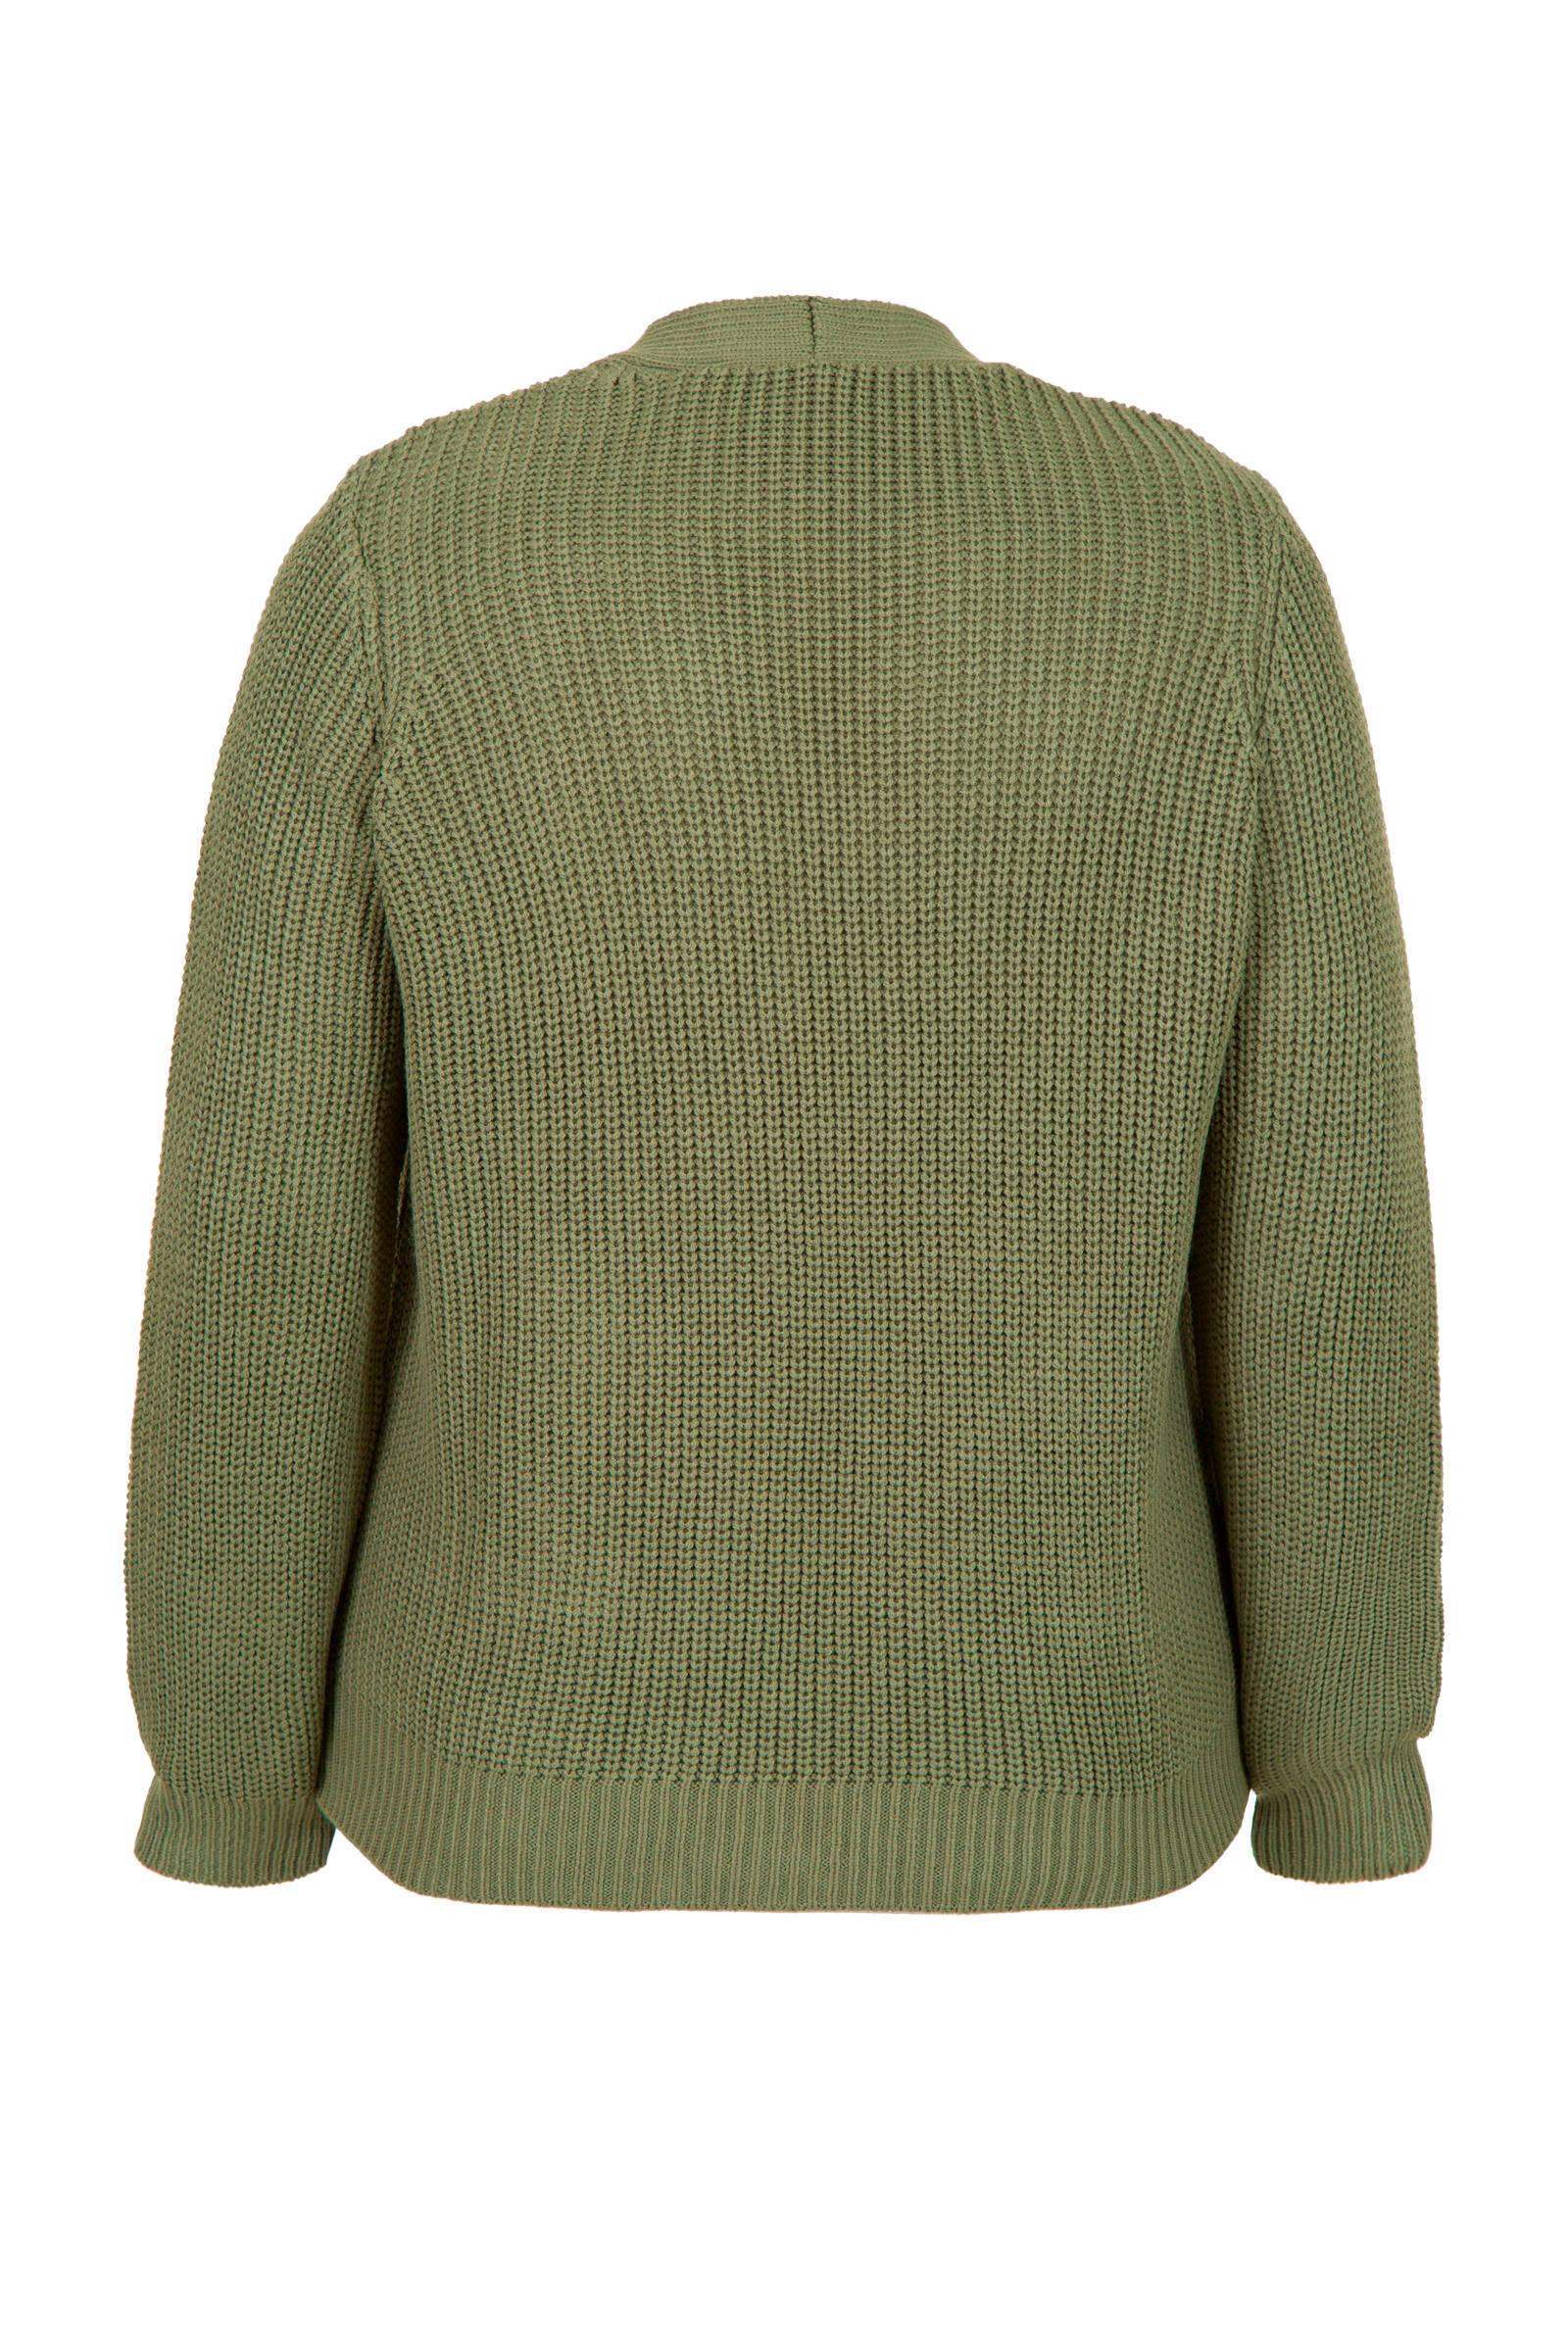 Miss Etam Plus vest groen